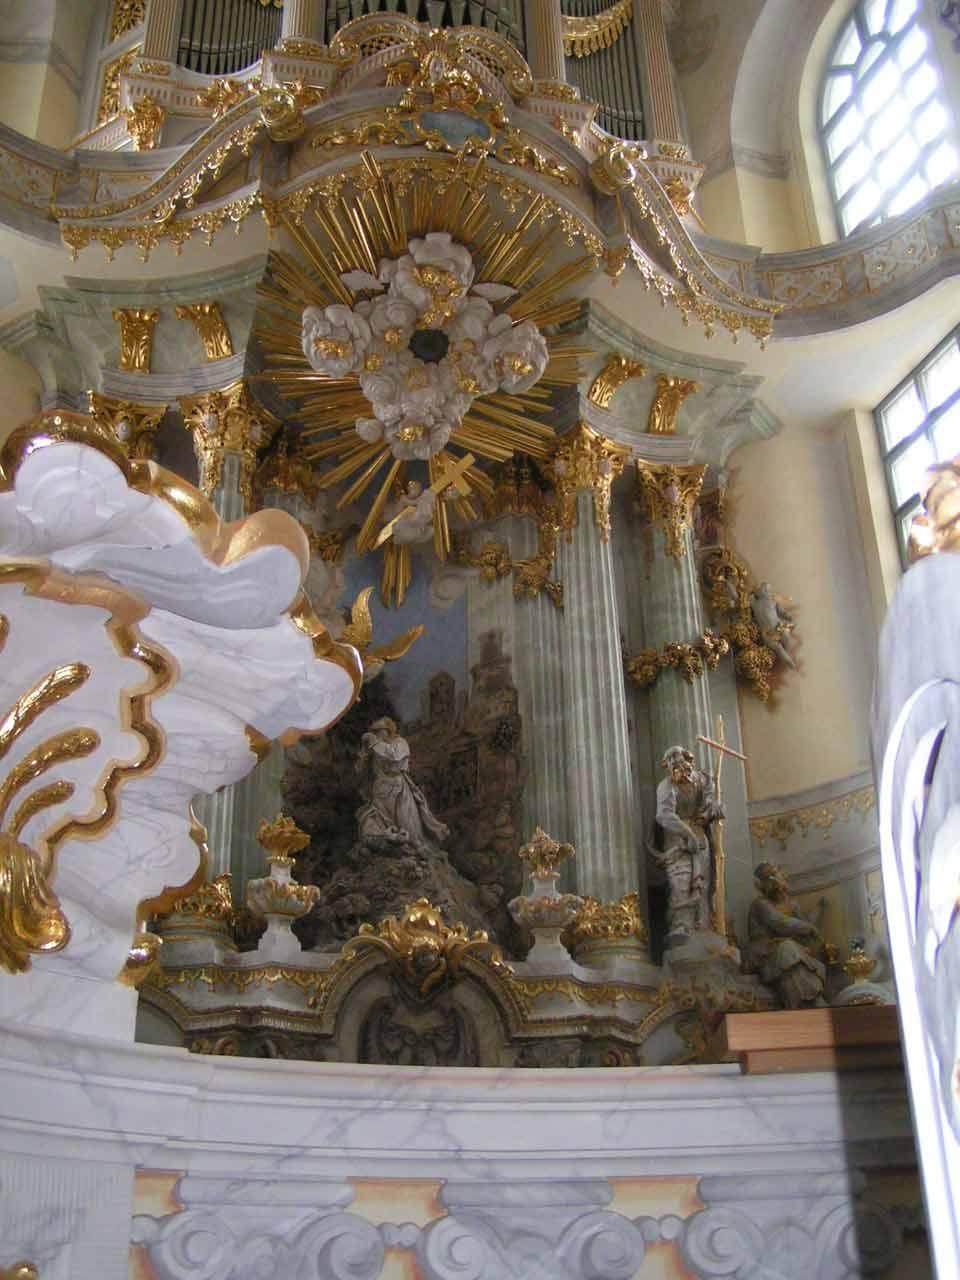 Meget guld og marmor